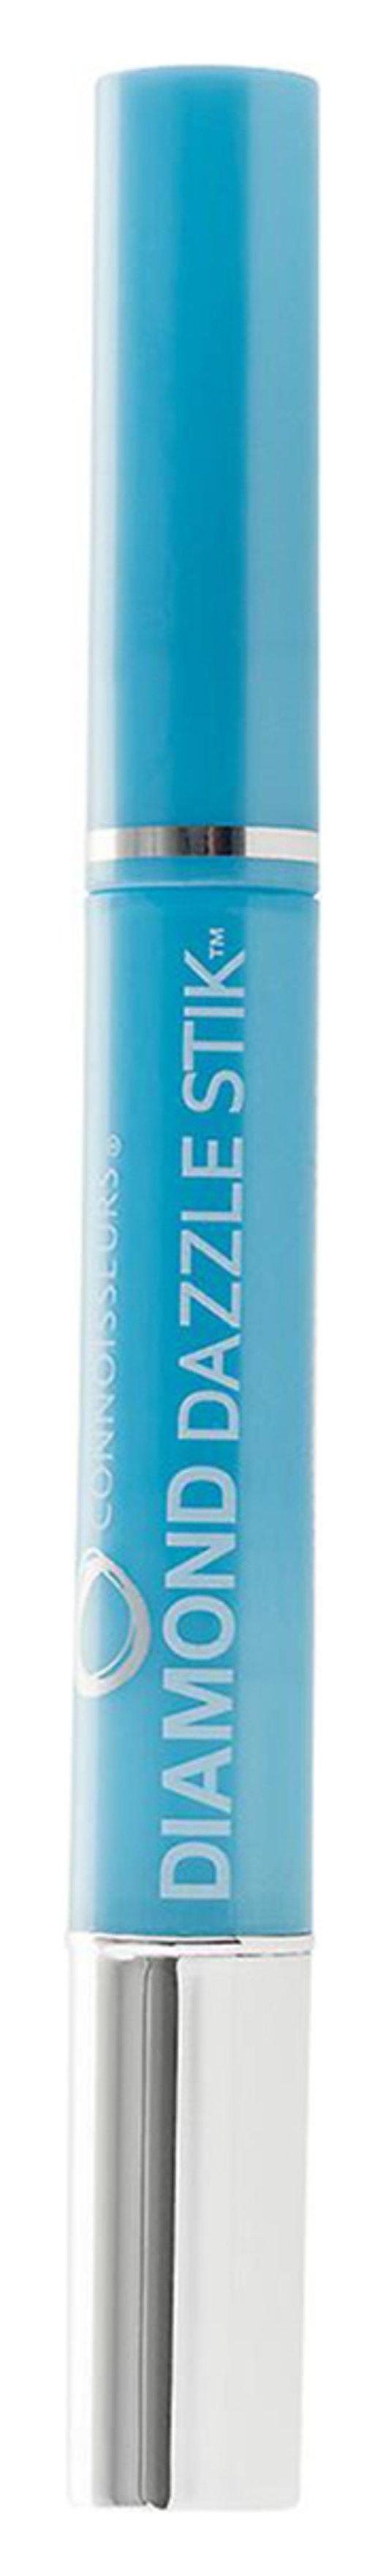 Image of Connoisseurs Diamond Dazzle Stik